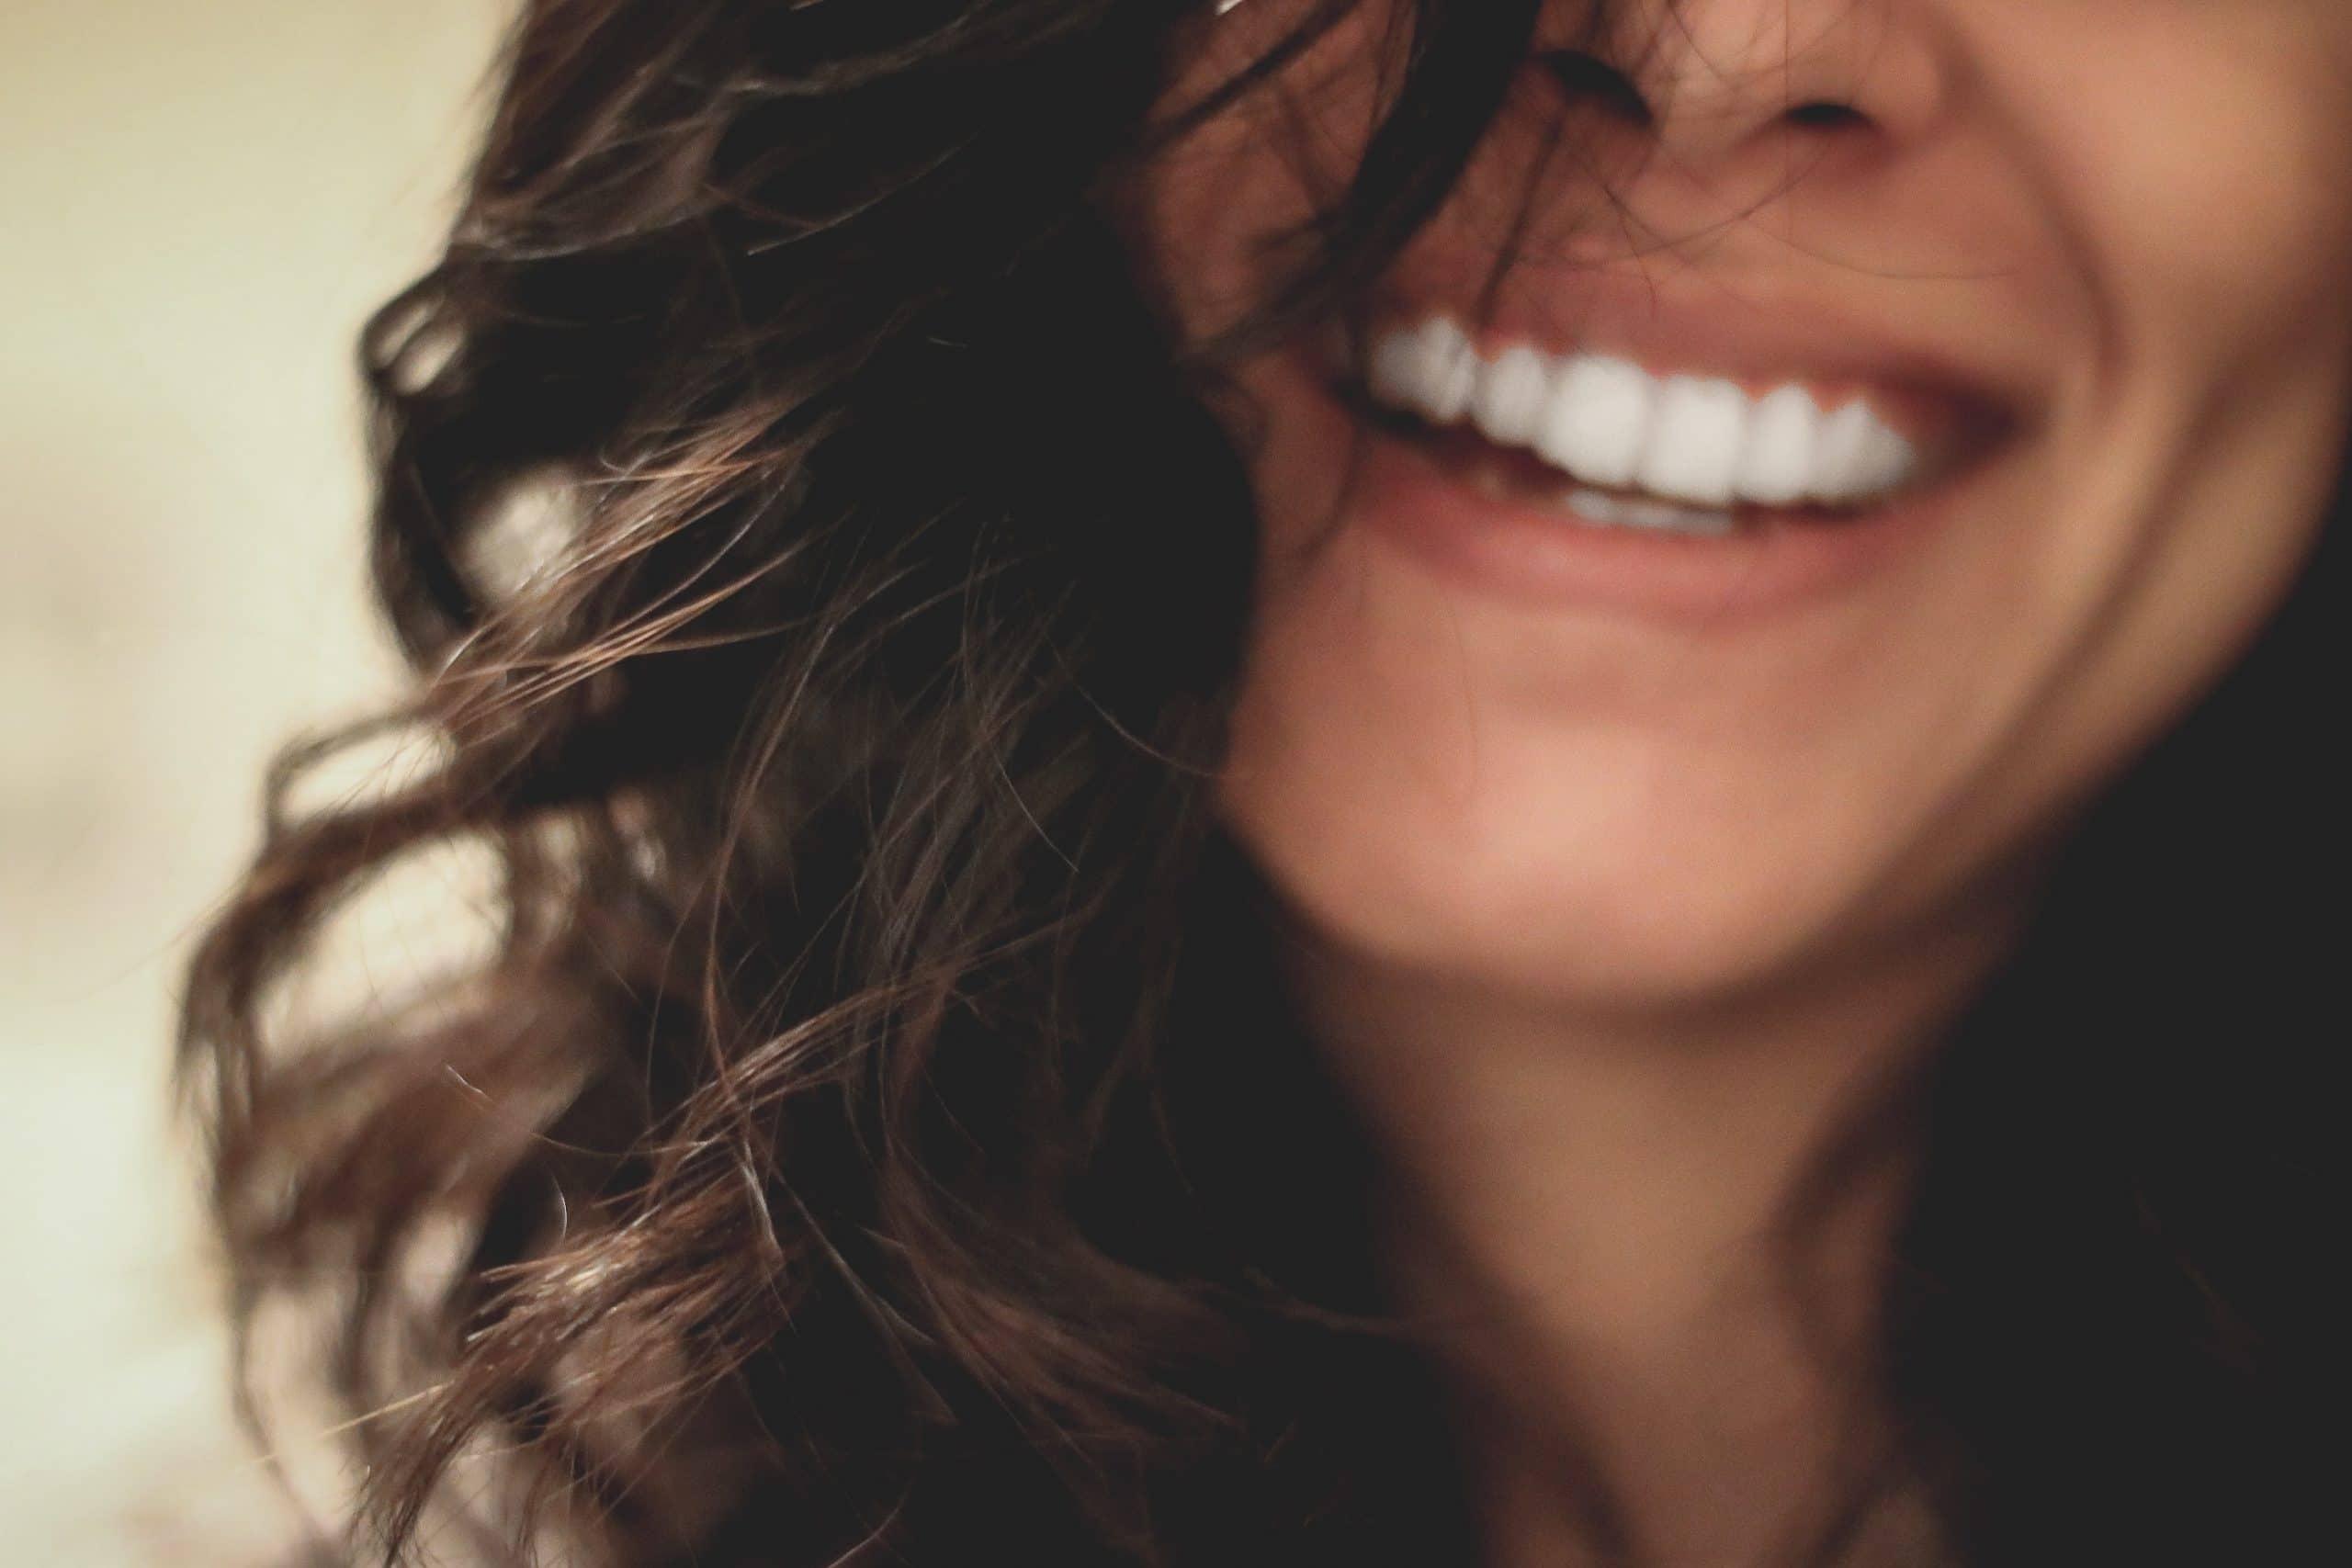 Quelle mutuelle rembourse le mieux la pose d'implants dentaires ?